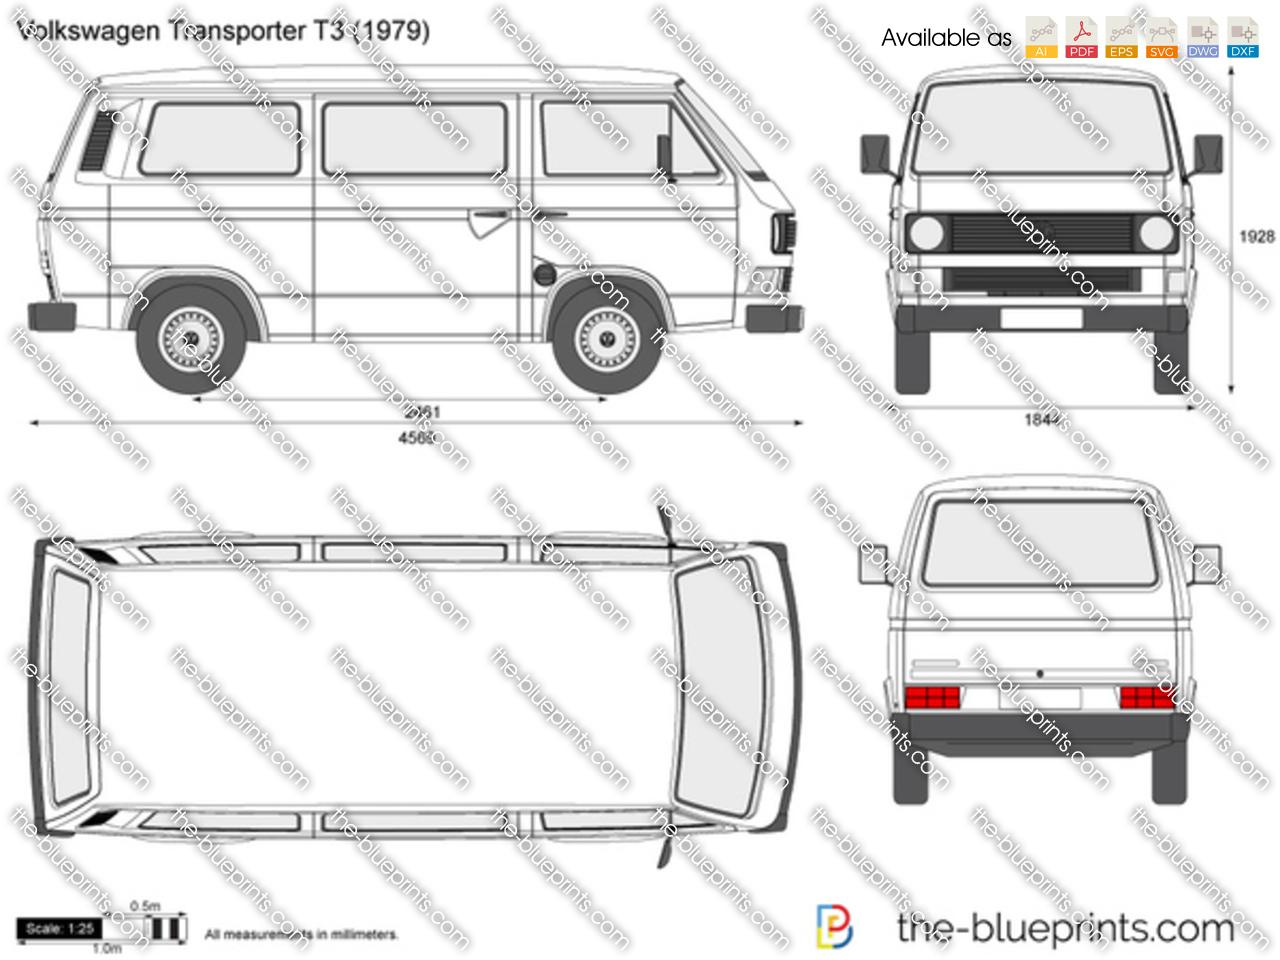 Volkswagen Transporter T3 1987